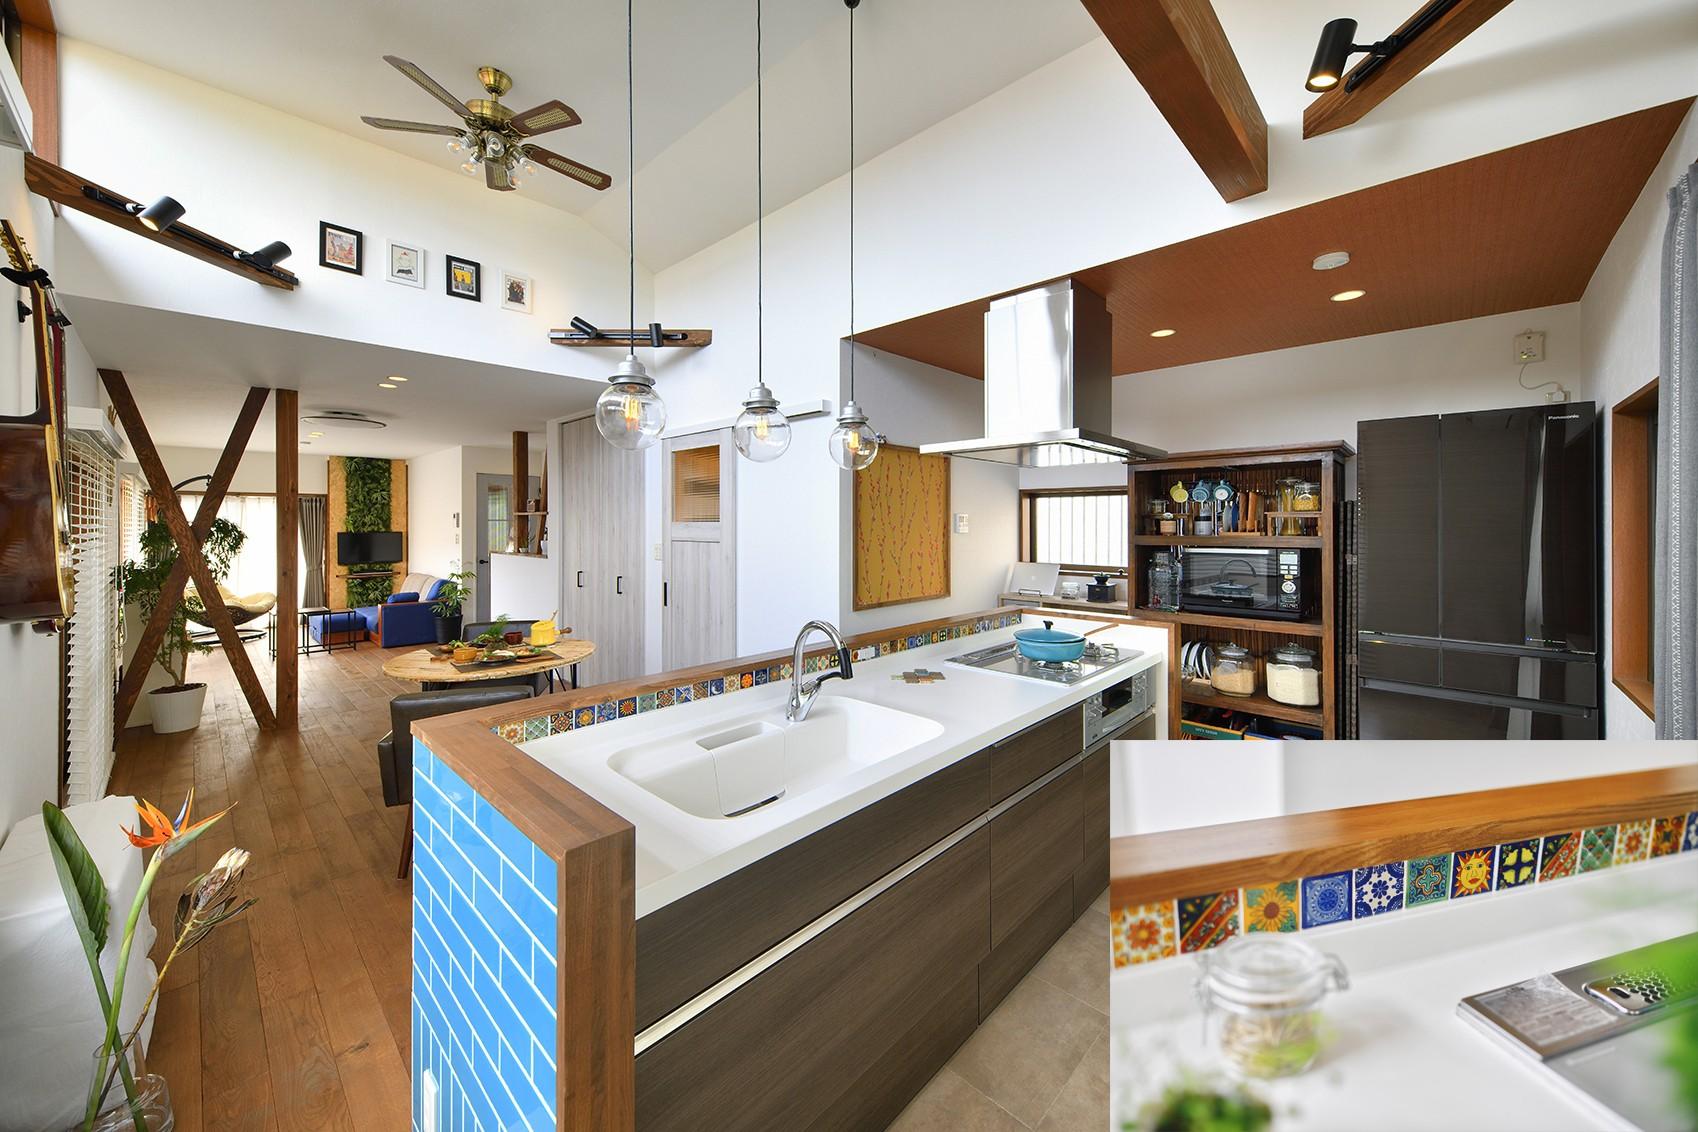 キッチン事例:家の主役 ターコイズブルーのキッチン(大好きなアジアンテイストの住まい)